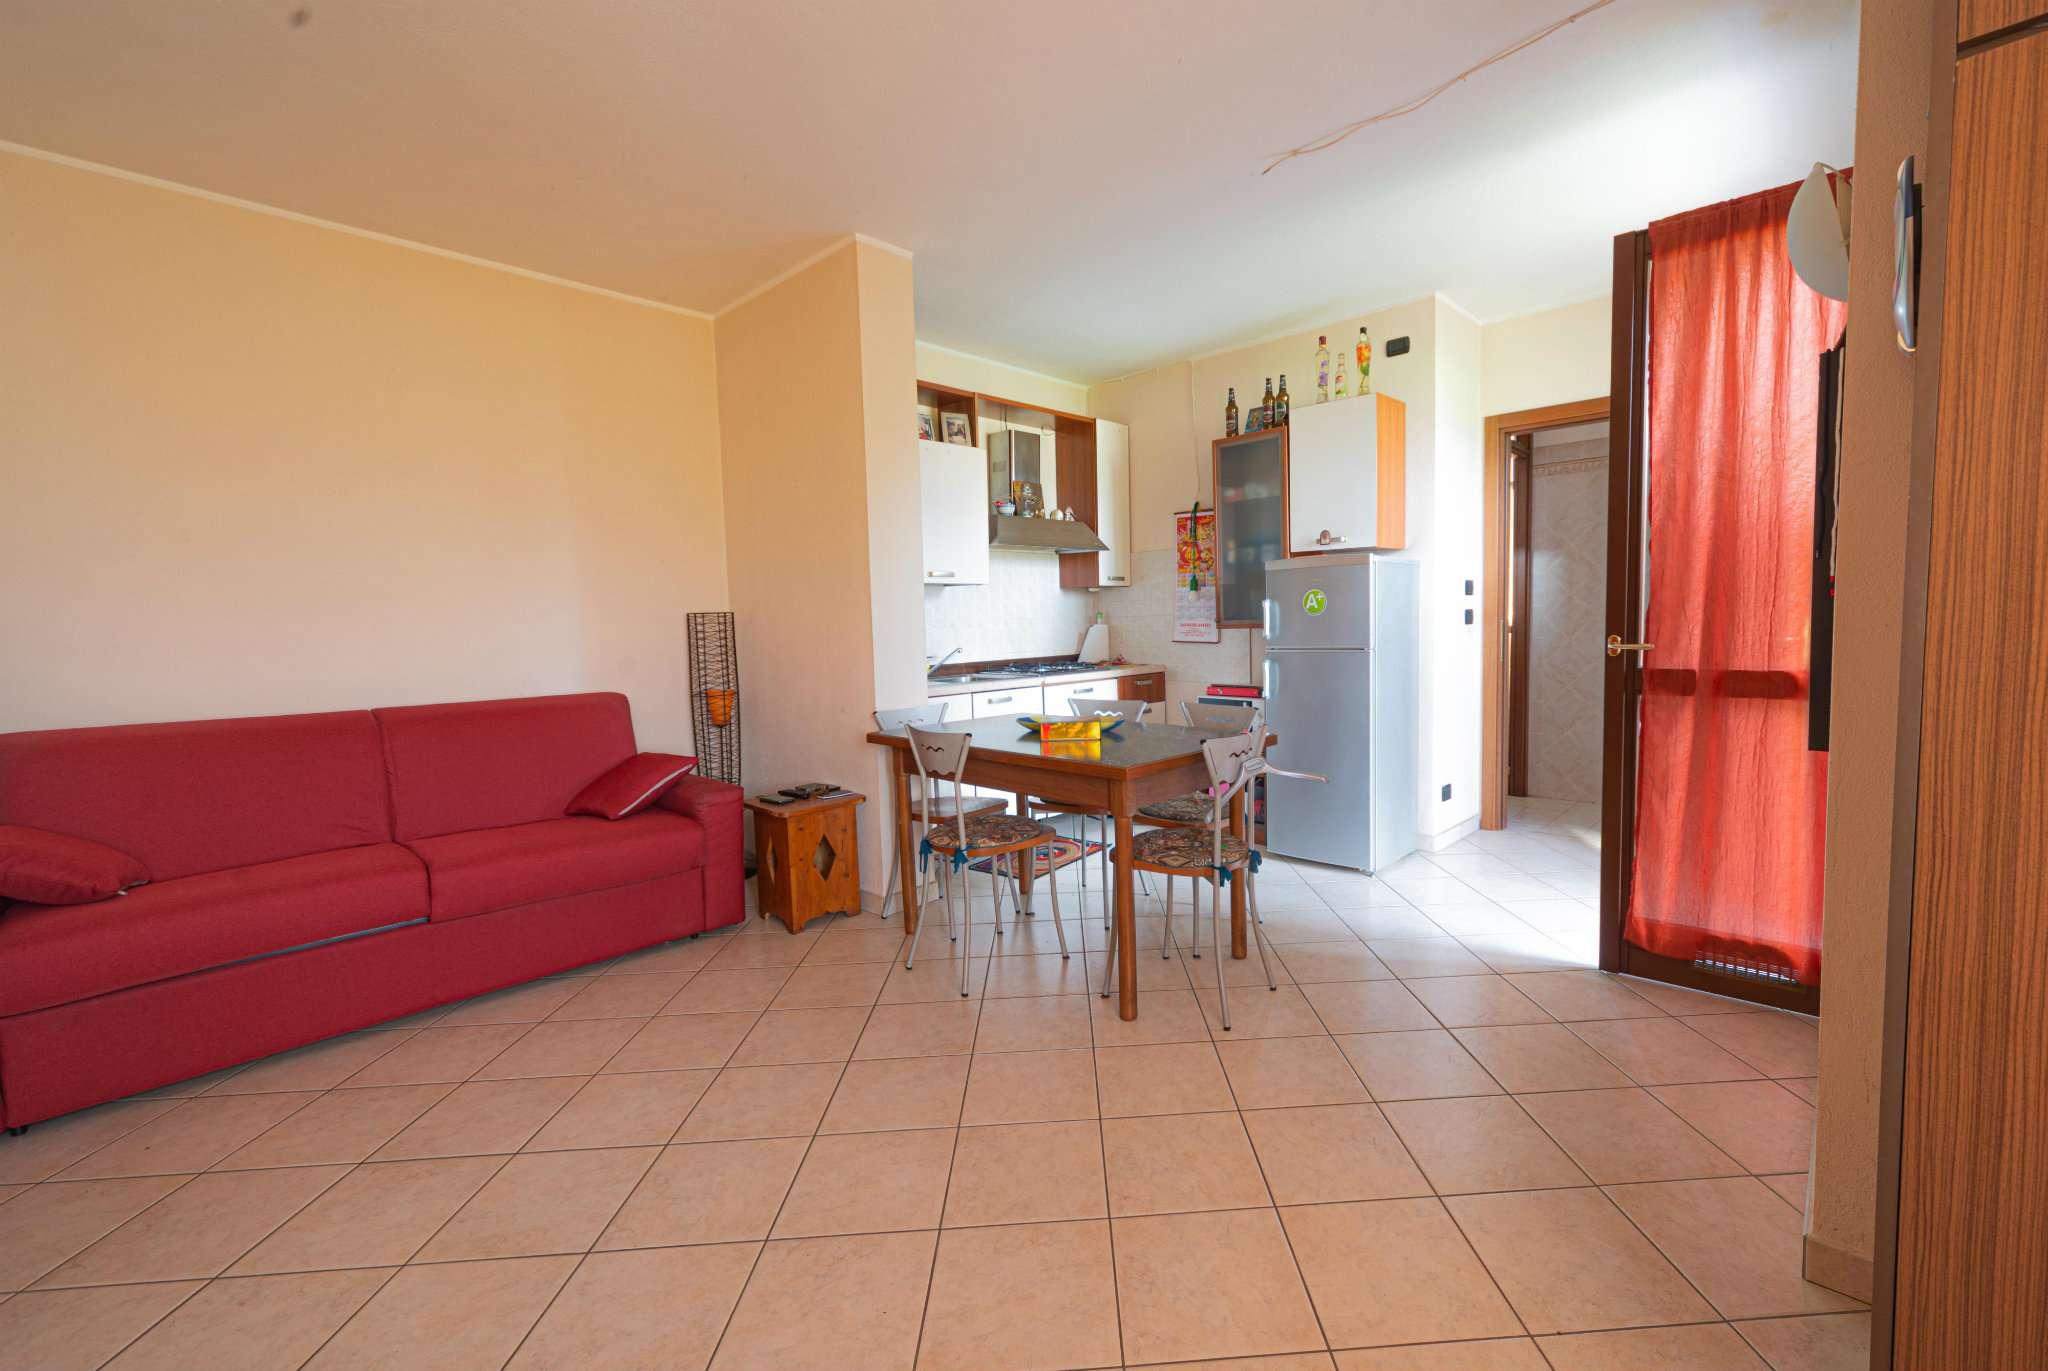 Appartamento in affitto a Bernezzo, 1 locali, prezzo € 250 | PortaleAgenzieImmobiliari.it